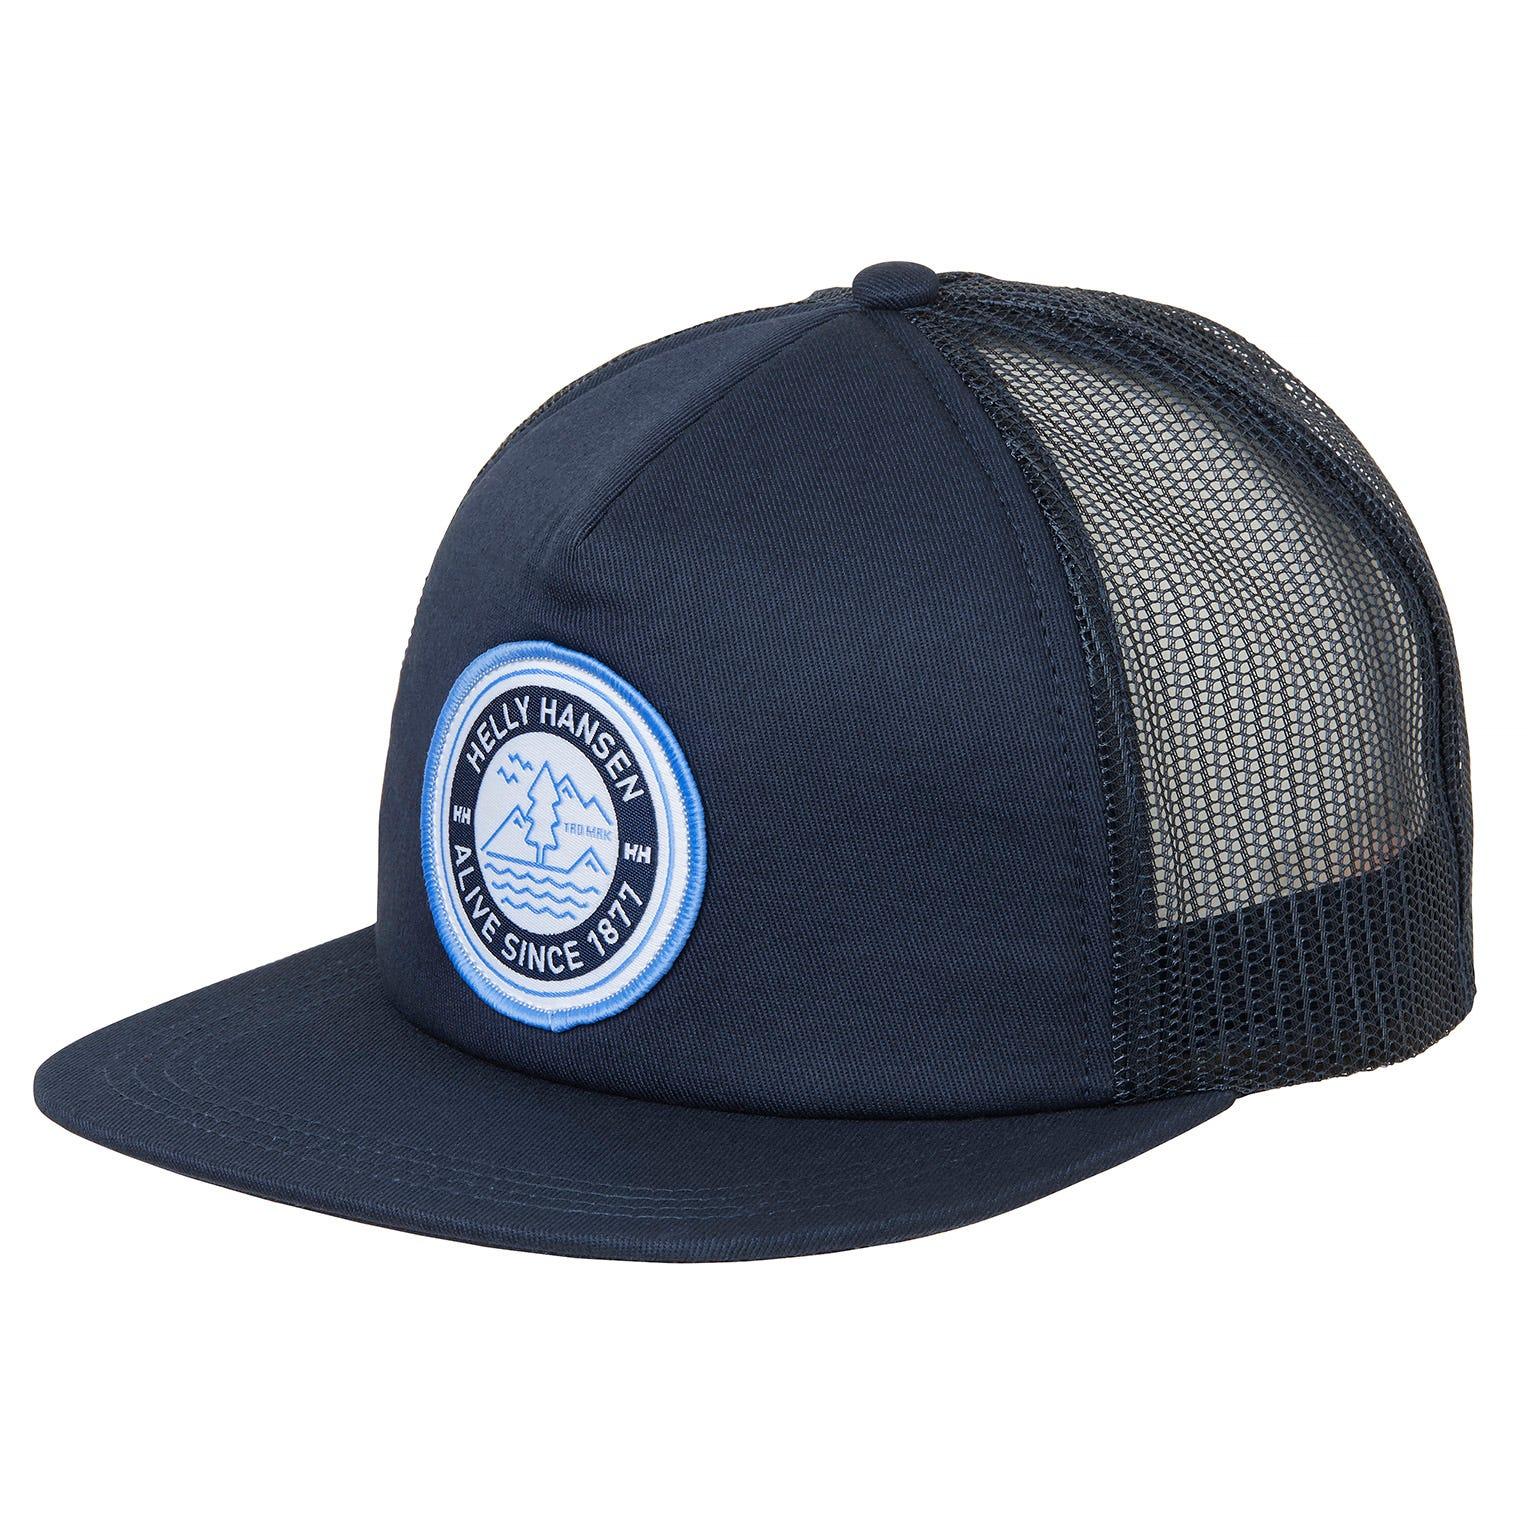 Helly Hansen Flatbrim Trucker Cap Blue STD